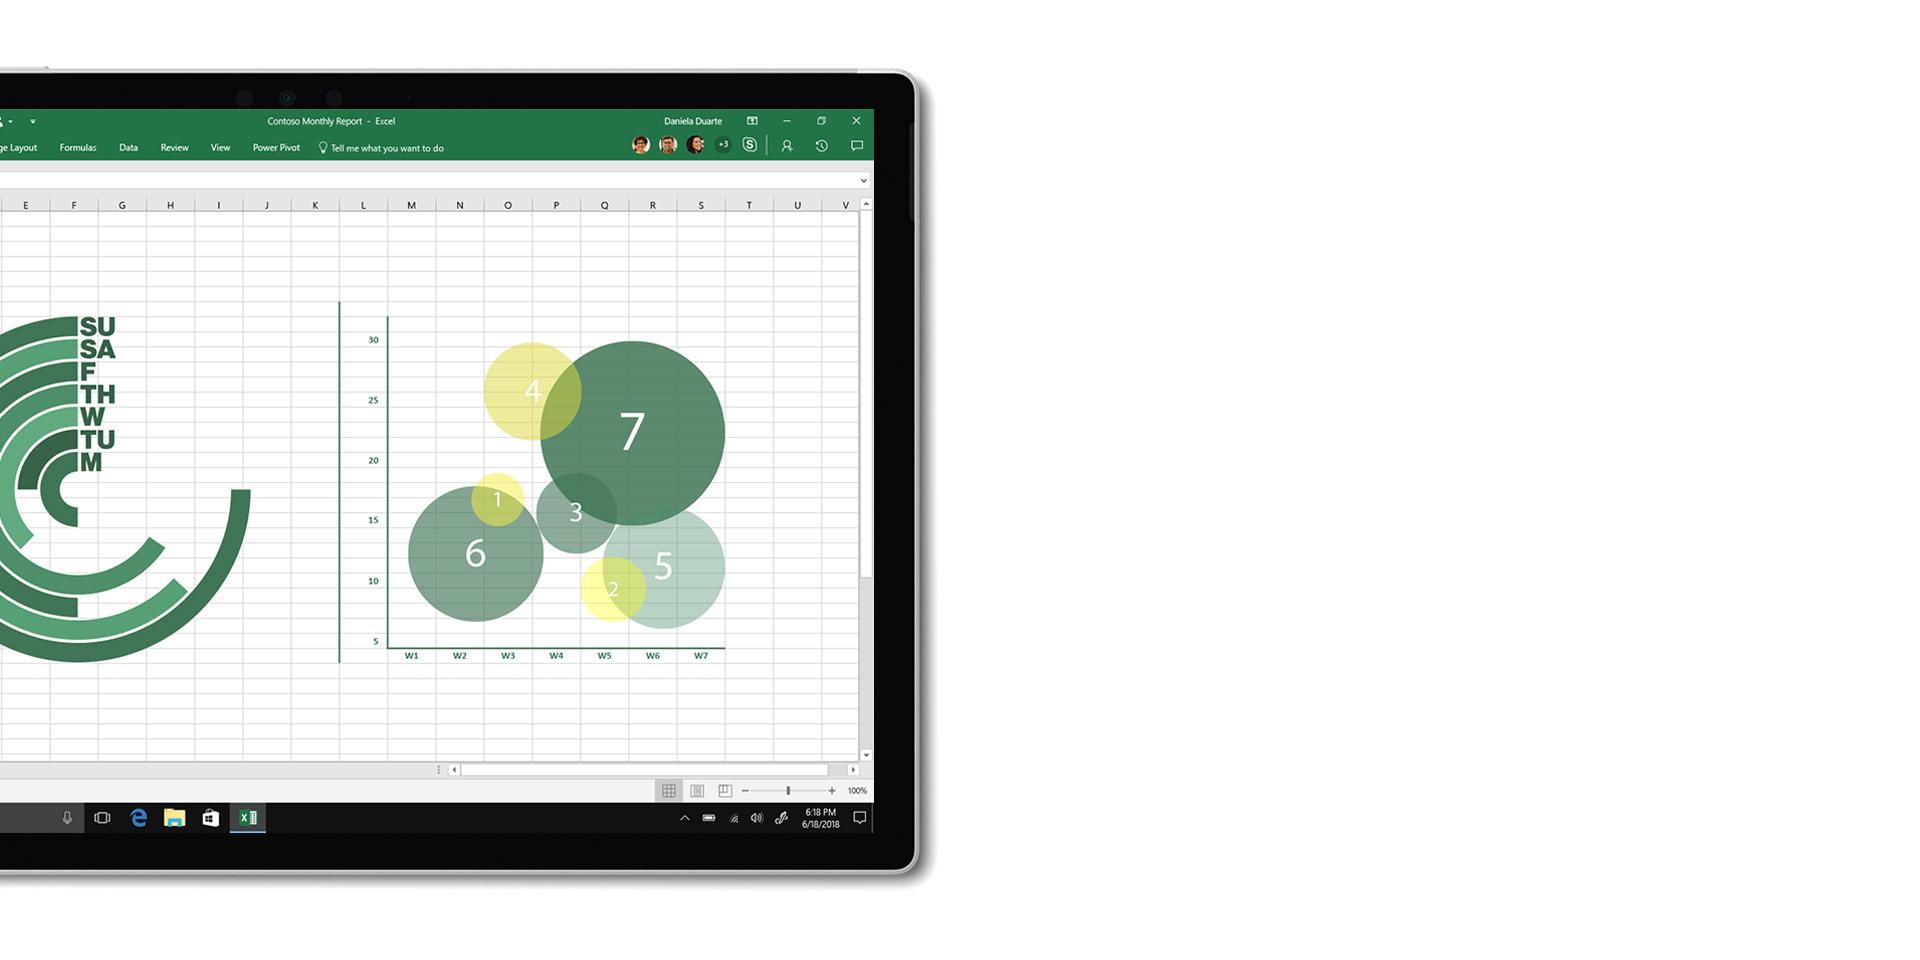 La app Excel que se muestra en la pantalla de un SurfaceBook2 desconectado del teclado.